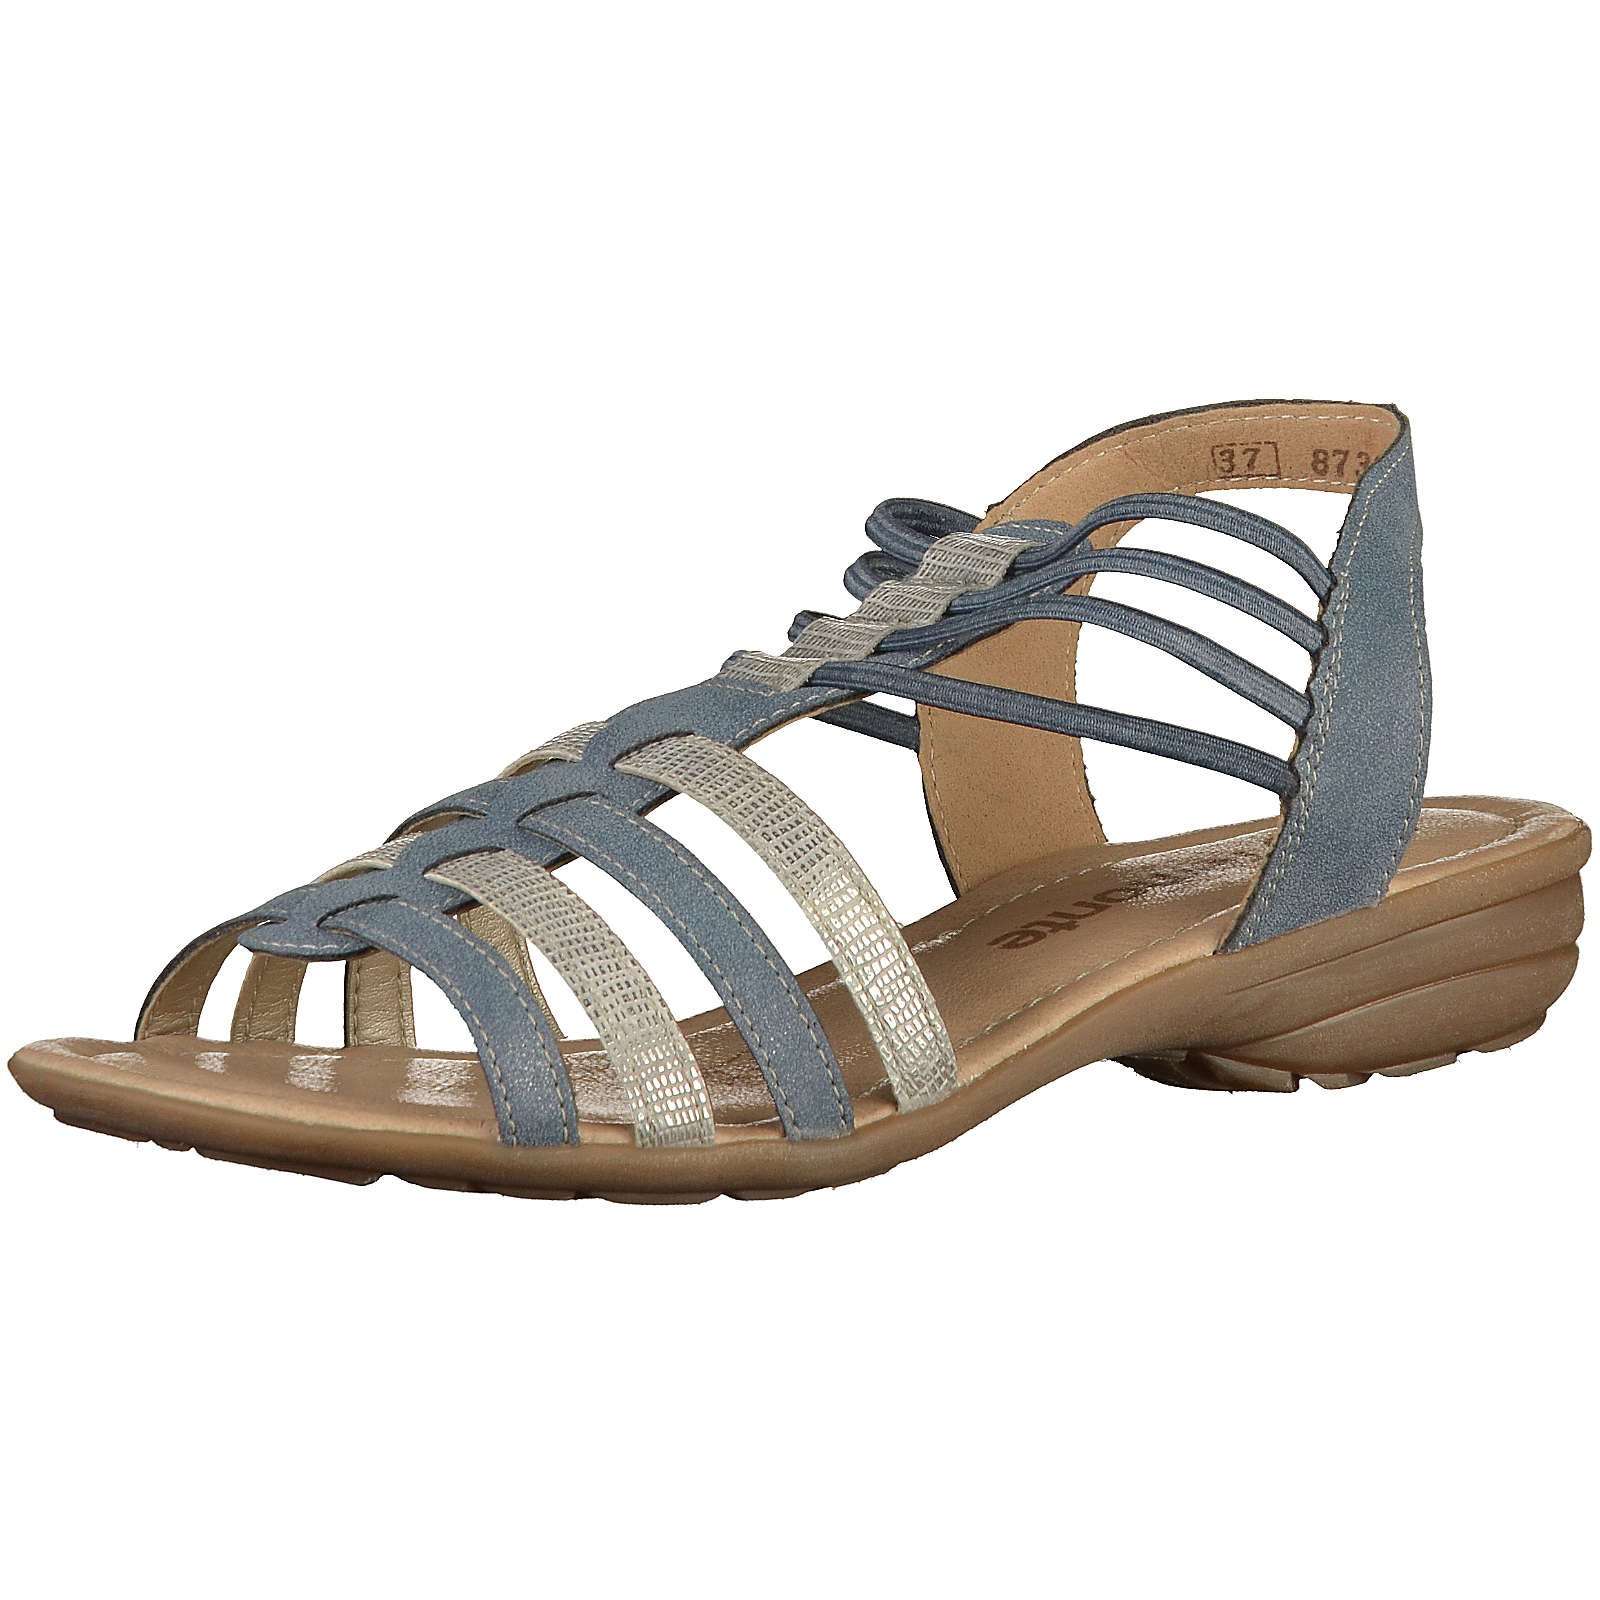 remonte Klassische Sandalen blau Damen Gr. 36